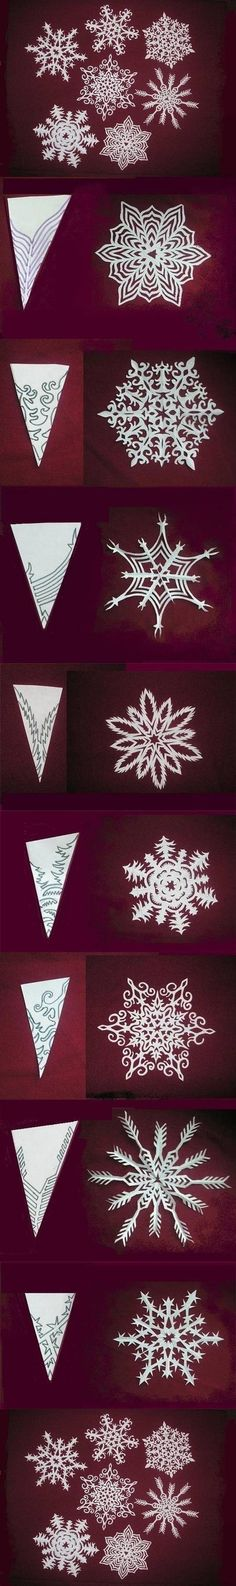 DIY Snowflakes Paper Pattern by julekinz